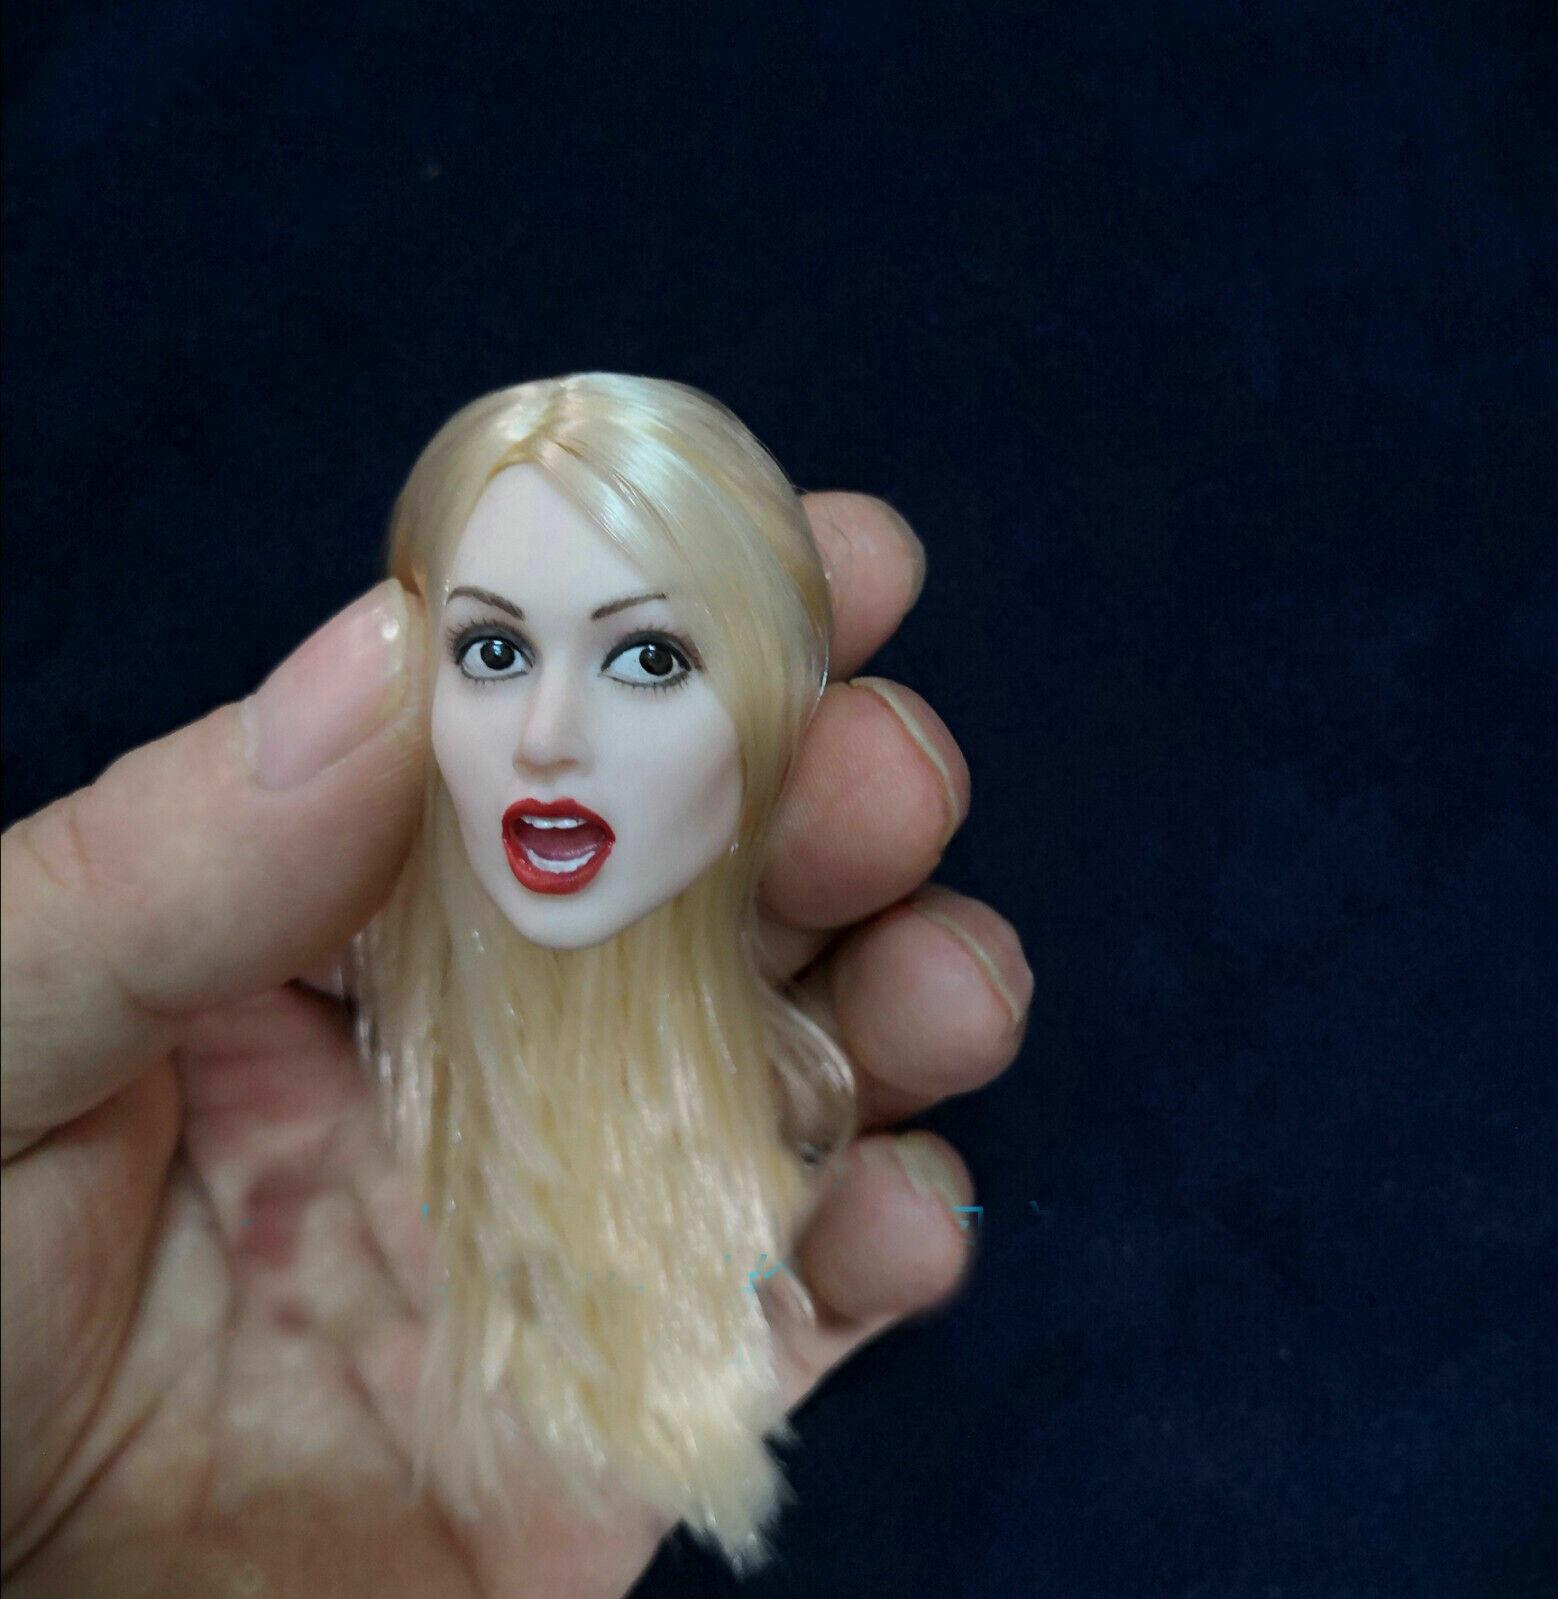 1 6 Female Female Female Head autovin Girl Head modello Blonde Hair Open Mouth Version F12'' corpo 54e493